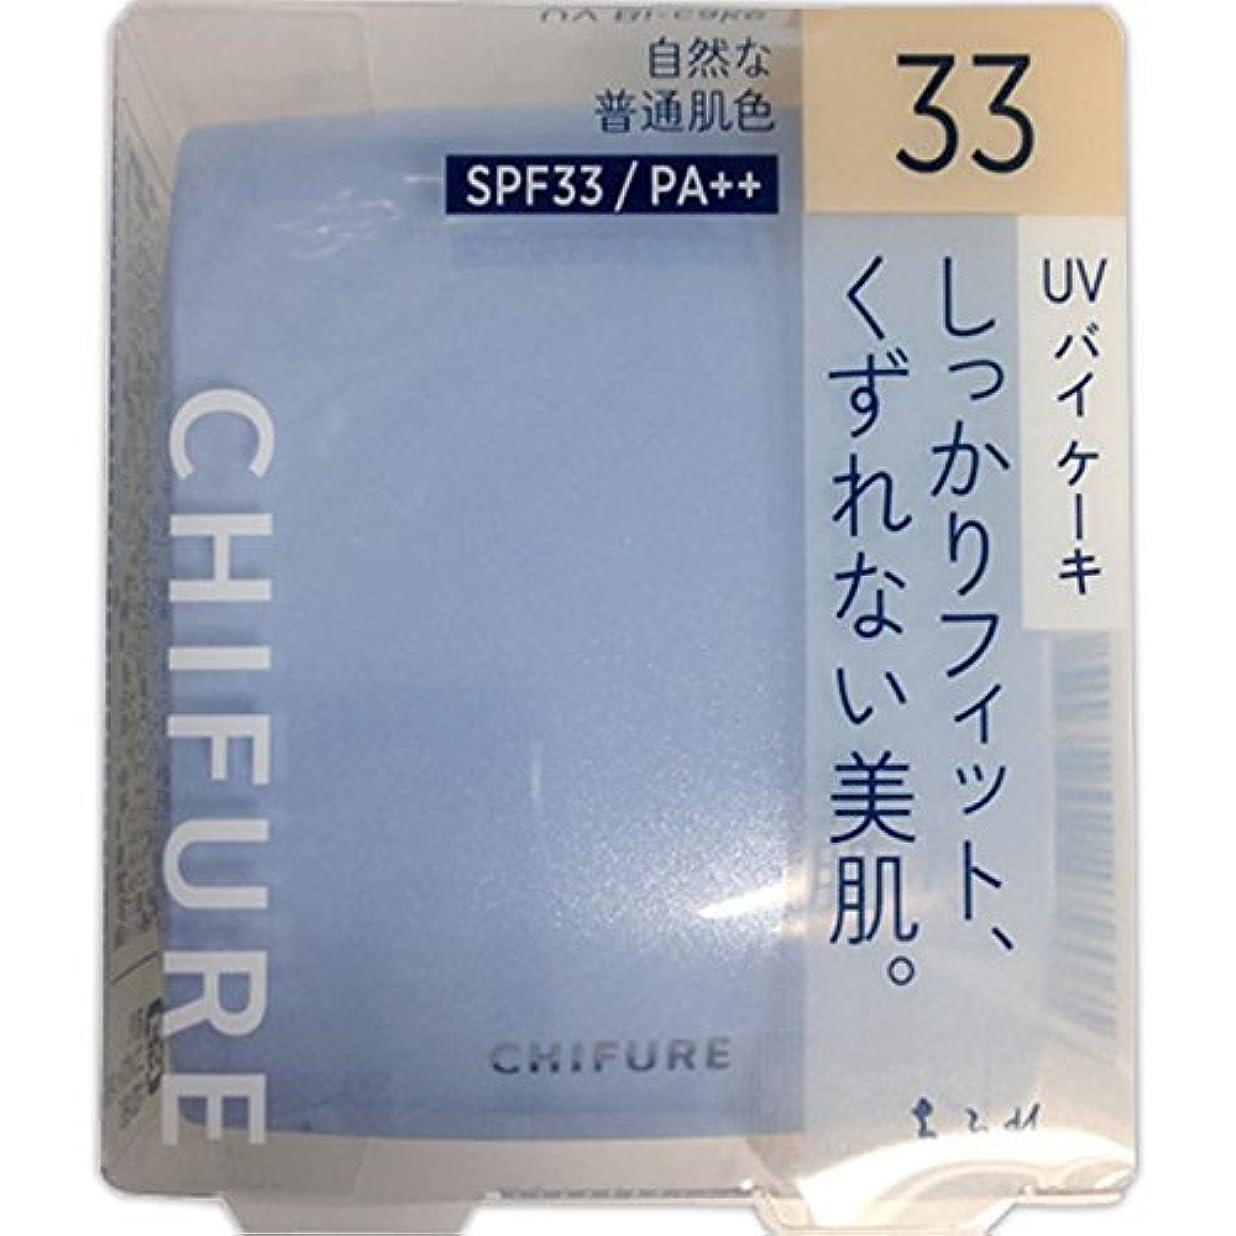 区別するアピール装置ちふれ化粧品 UV バイ ケーキ(スポンジ入り) 33 自然な普通肌色 14g